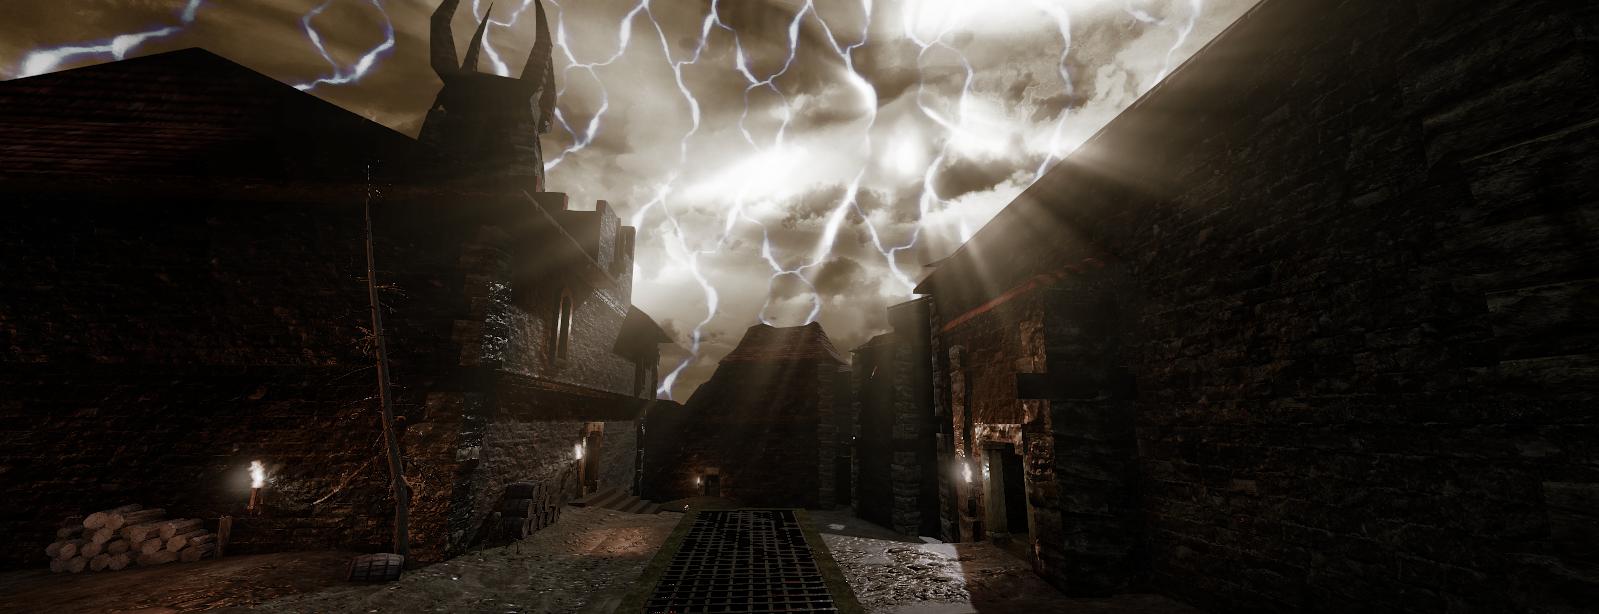 Альбом для скриншотов Готики на движке CryEngine 3 - Gothic Thenewbeginning